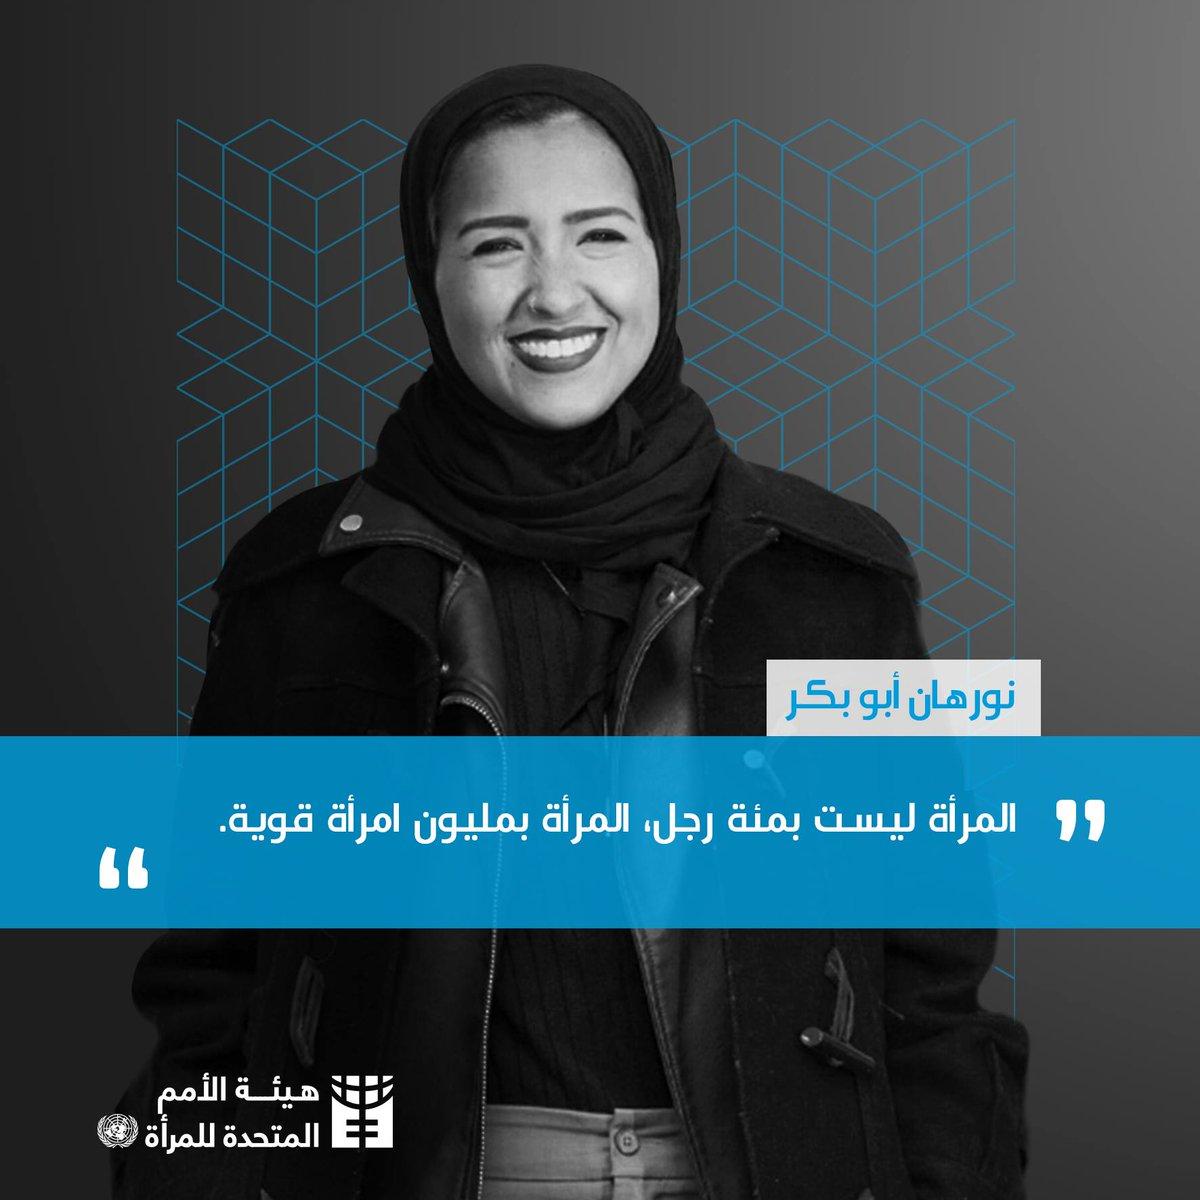 رضا الوالدين اهم من رضا الاب و الام https://t.co/6Dtt93OWNI